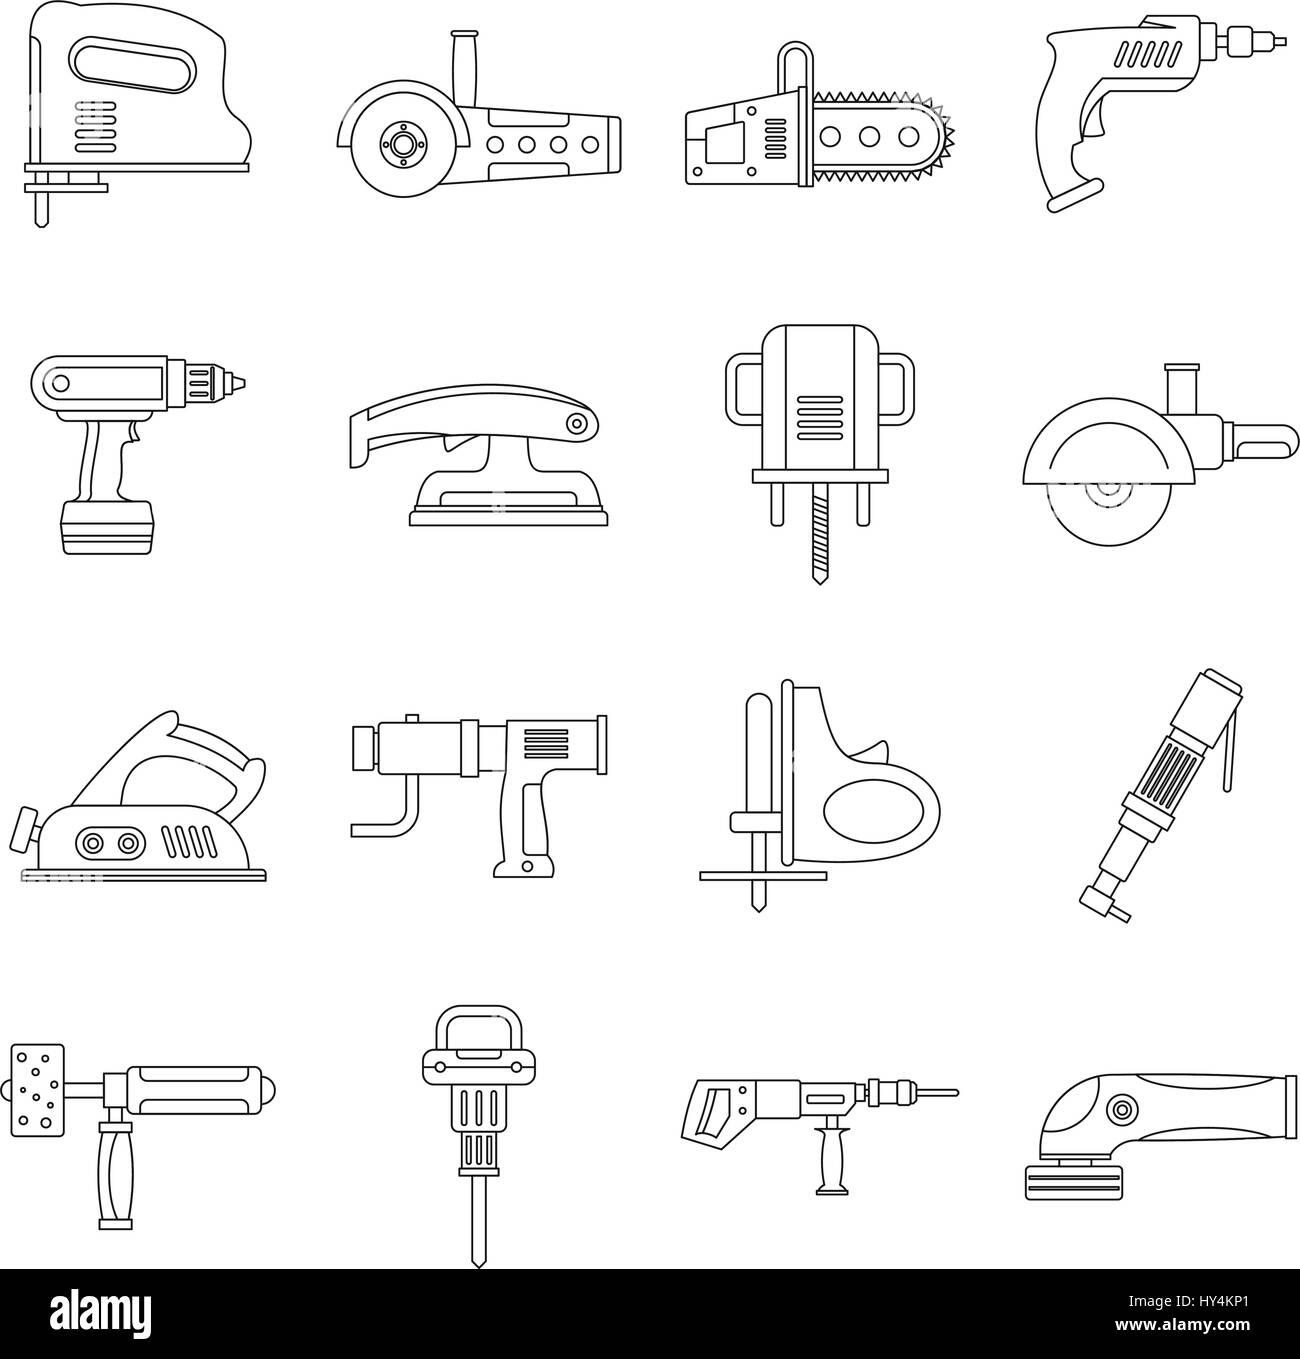 Elektrische Werkzeuge Icons Set, Umriss-Stil Vektor Abbildung - Bild ...